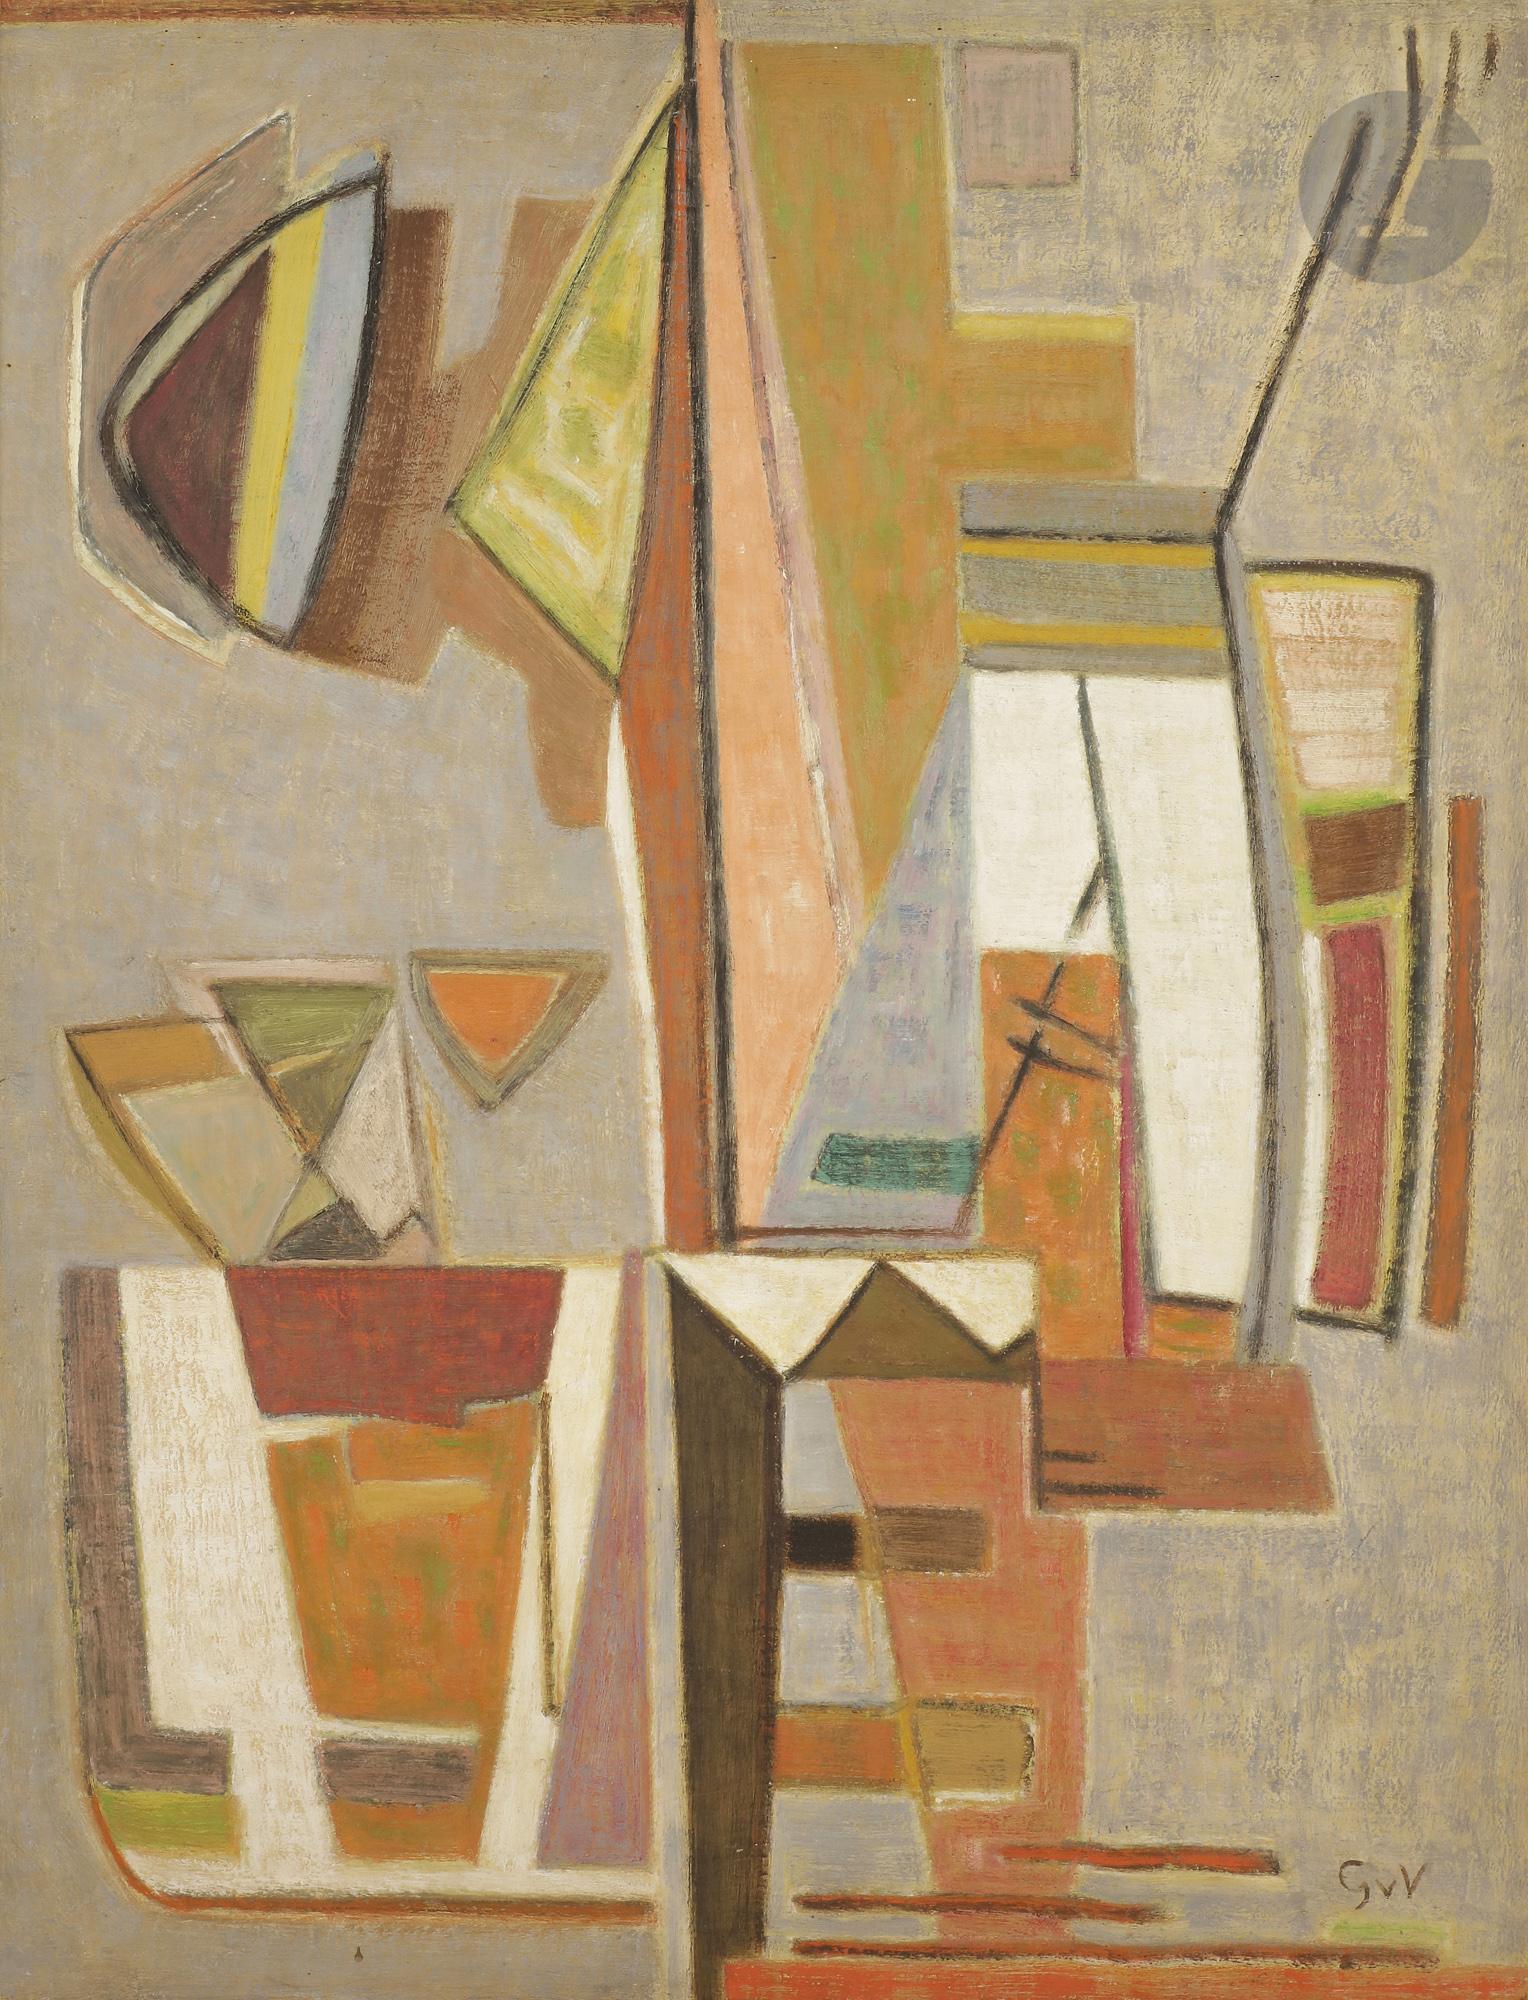 Lot 50 - Geer van VELDE [hollandais] (1898-1977) Composition, vers 1953 Huile sur toile. Signée en bas à